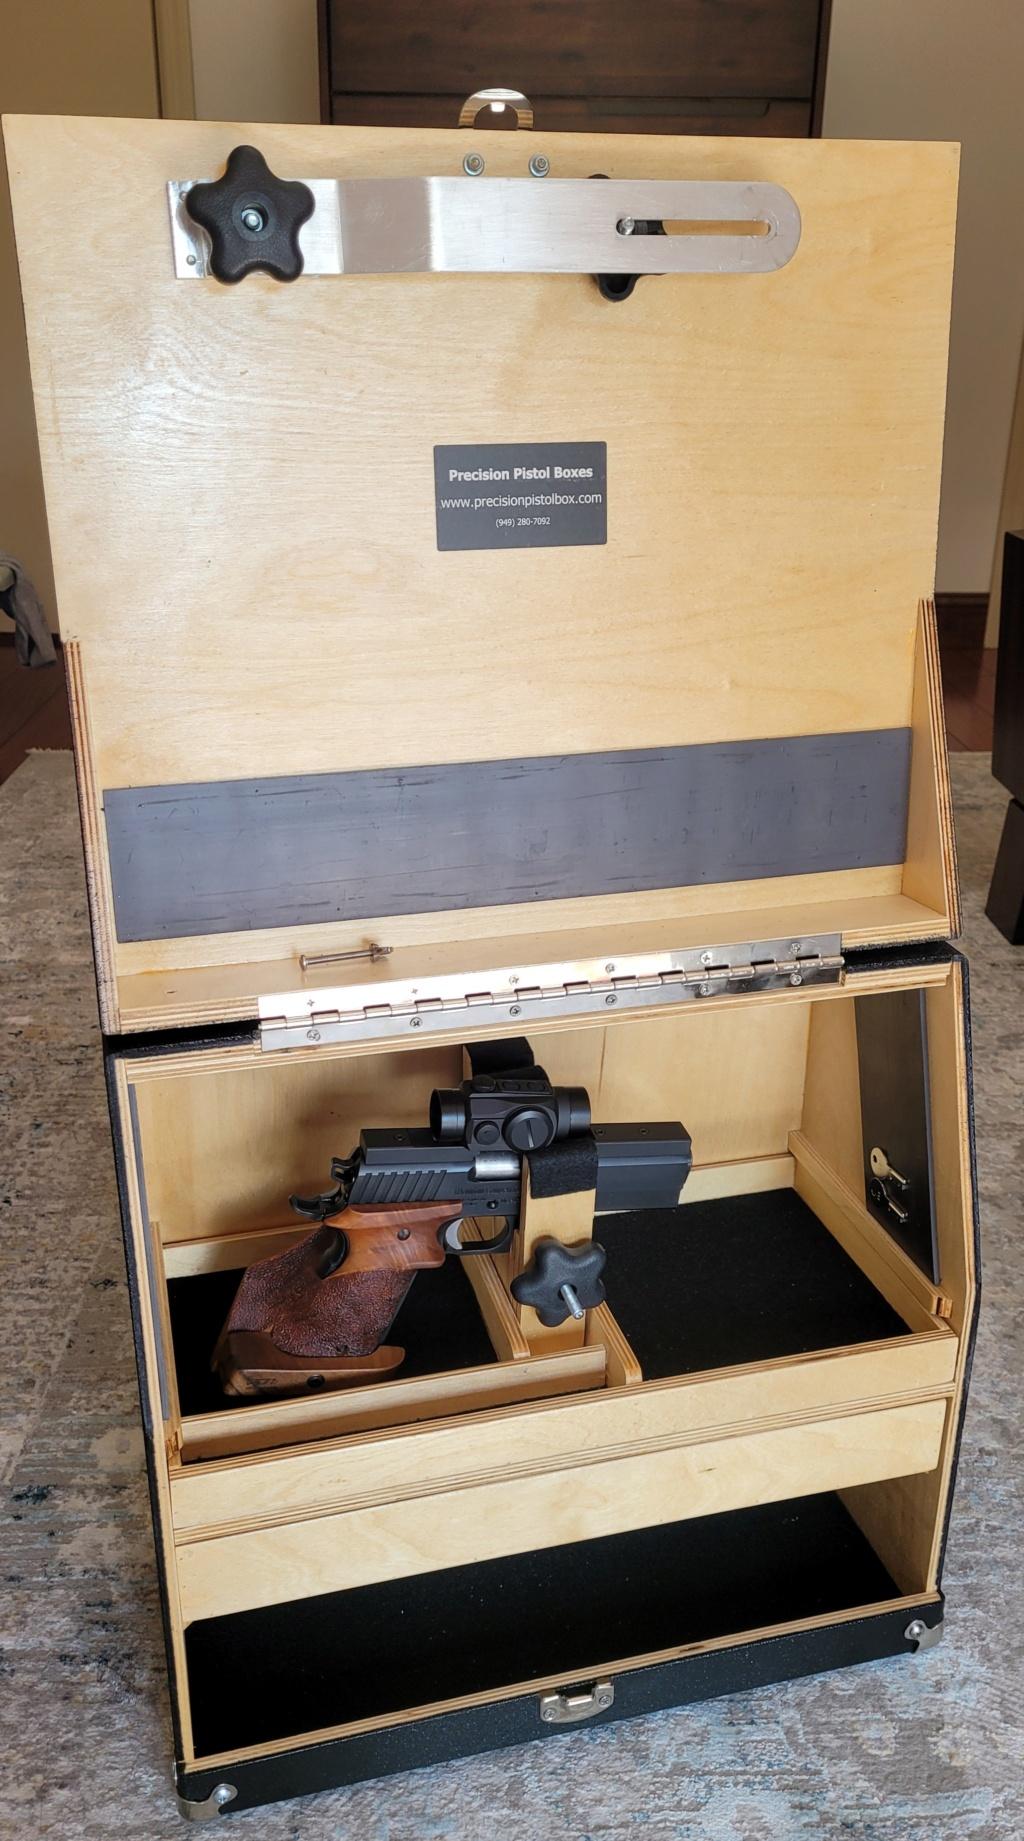 Sold: Precision Pistol Box - 3 Gun Deluxe Mint - $275 20210511